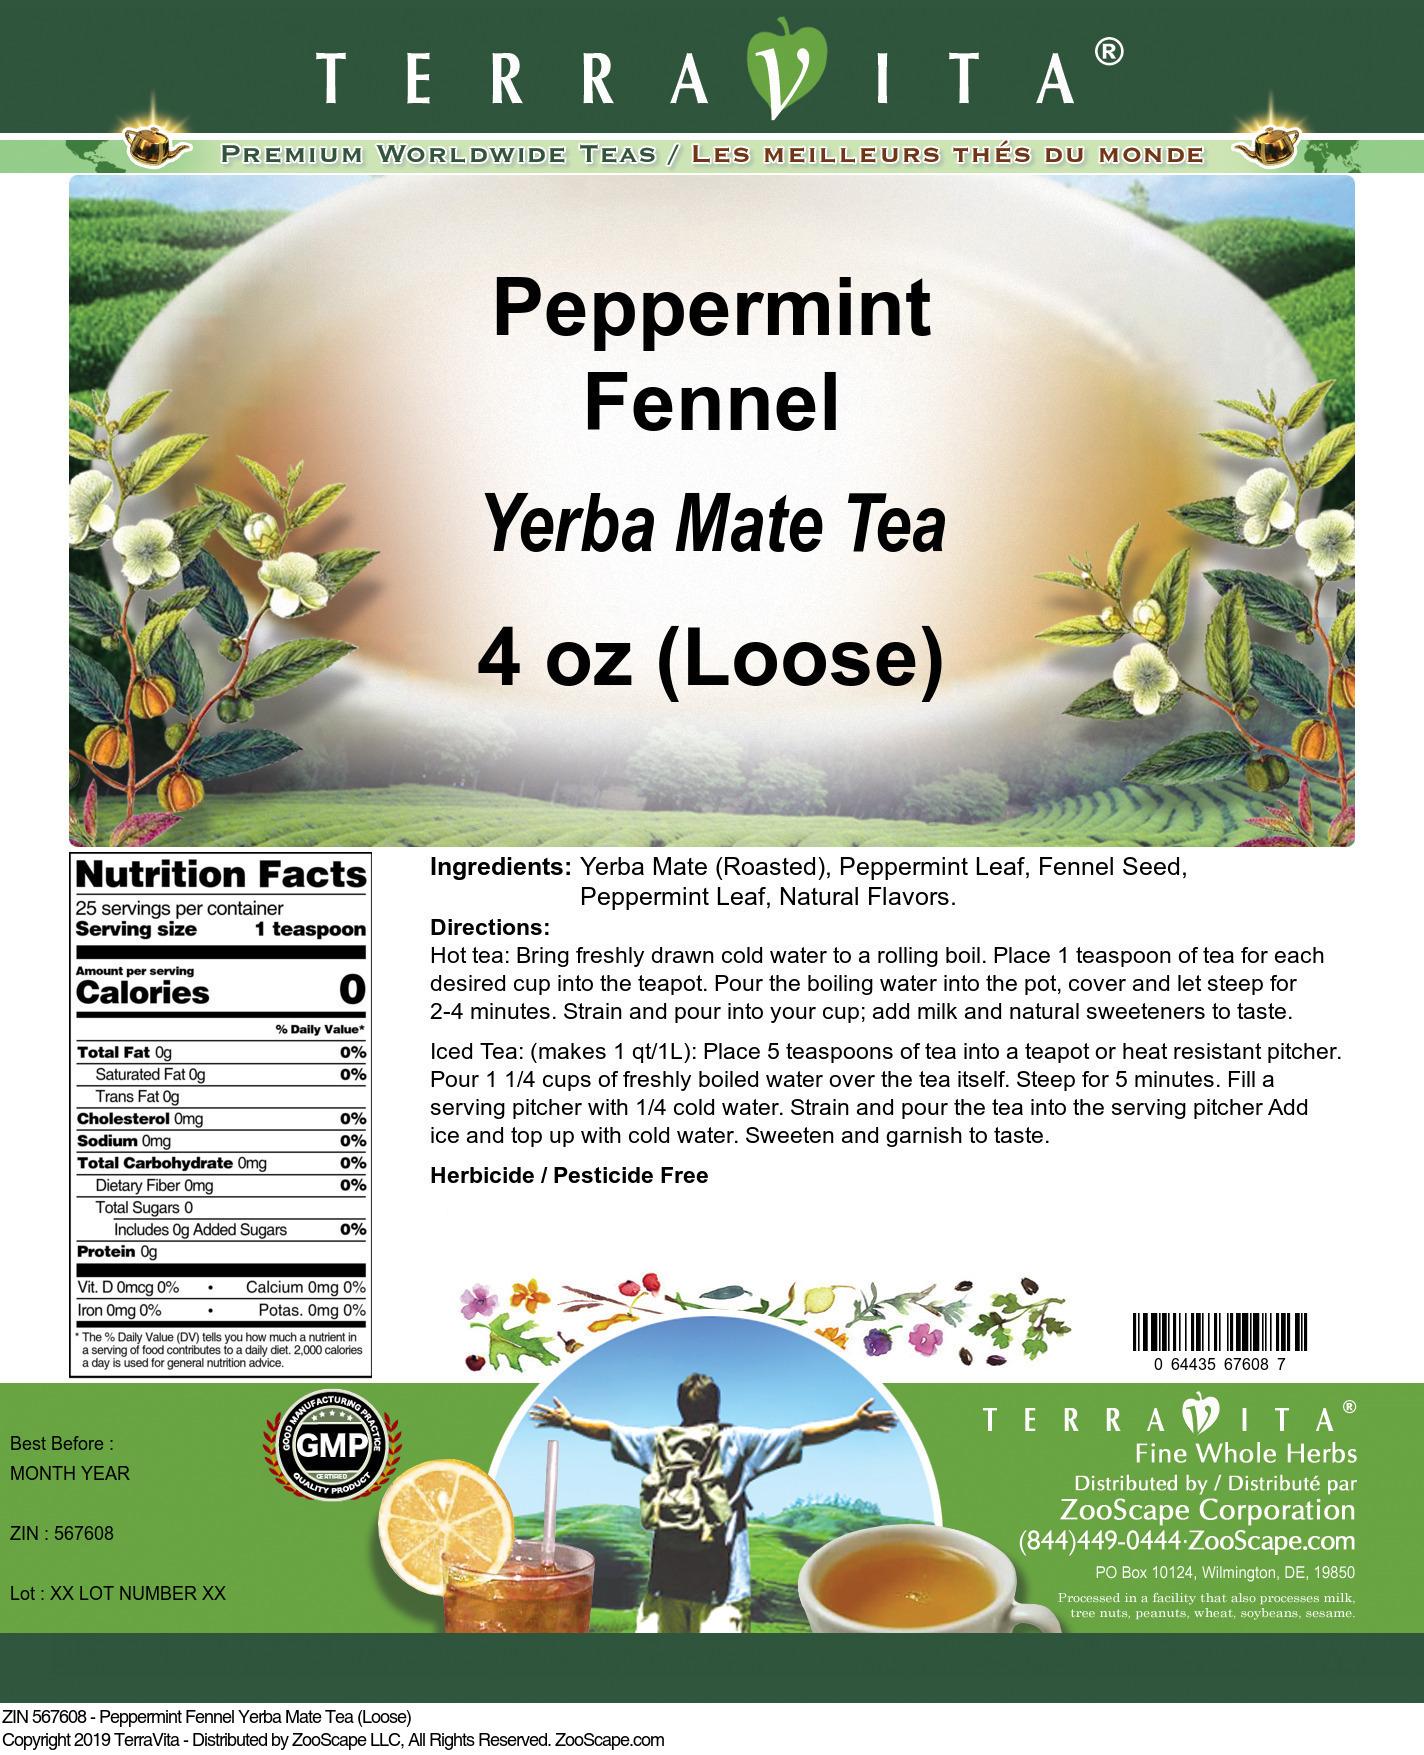 Peppermint Fennel Yerba Mate